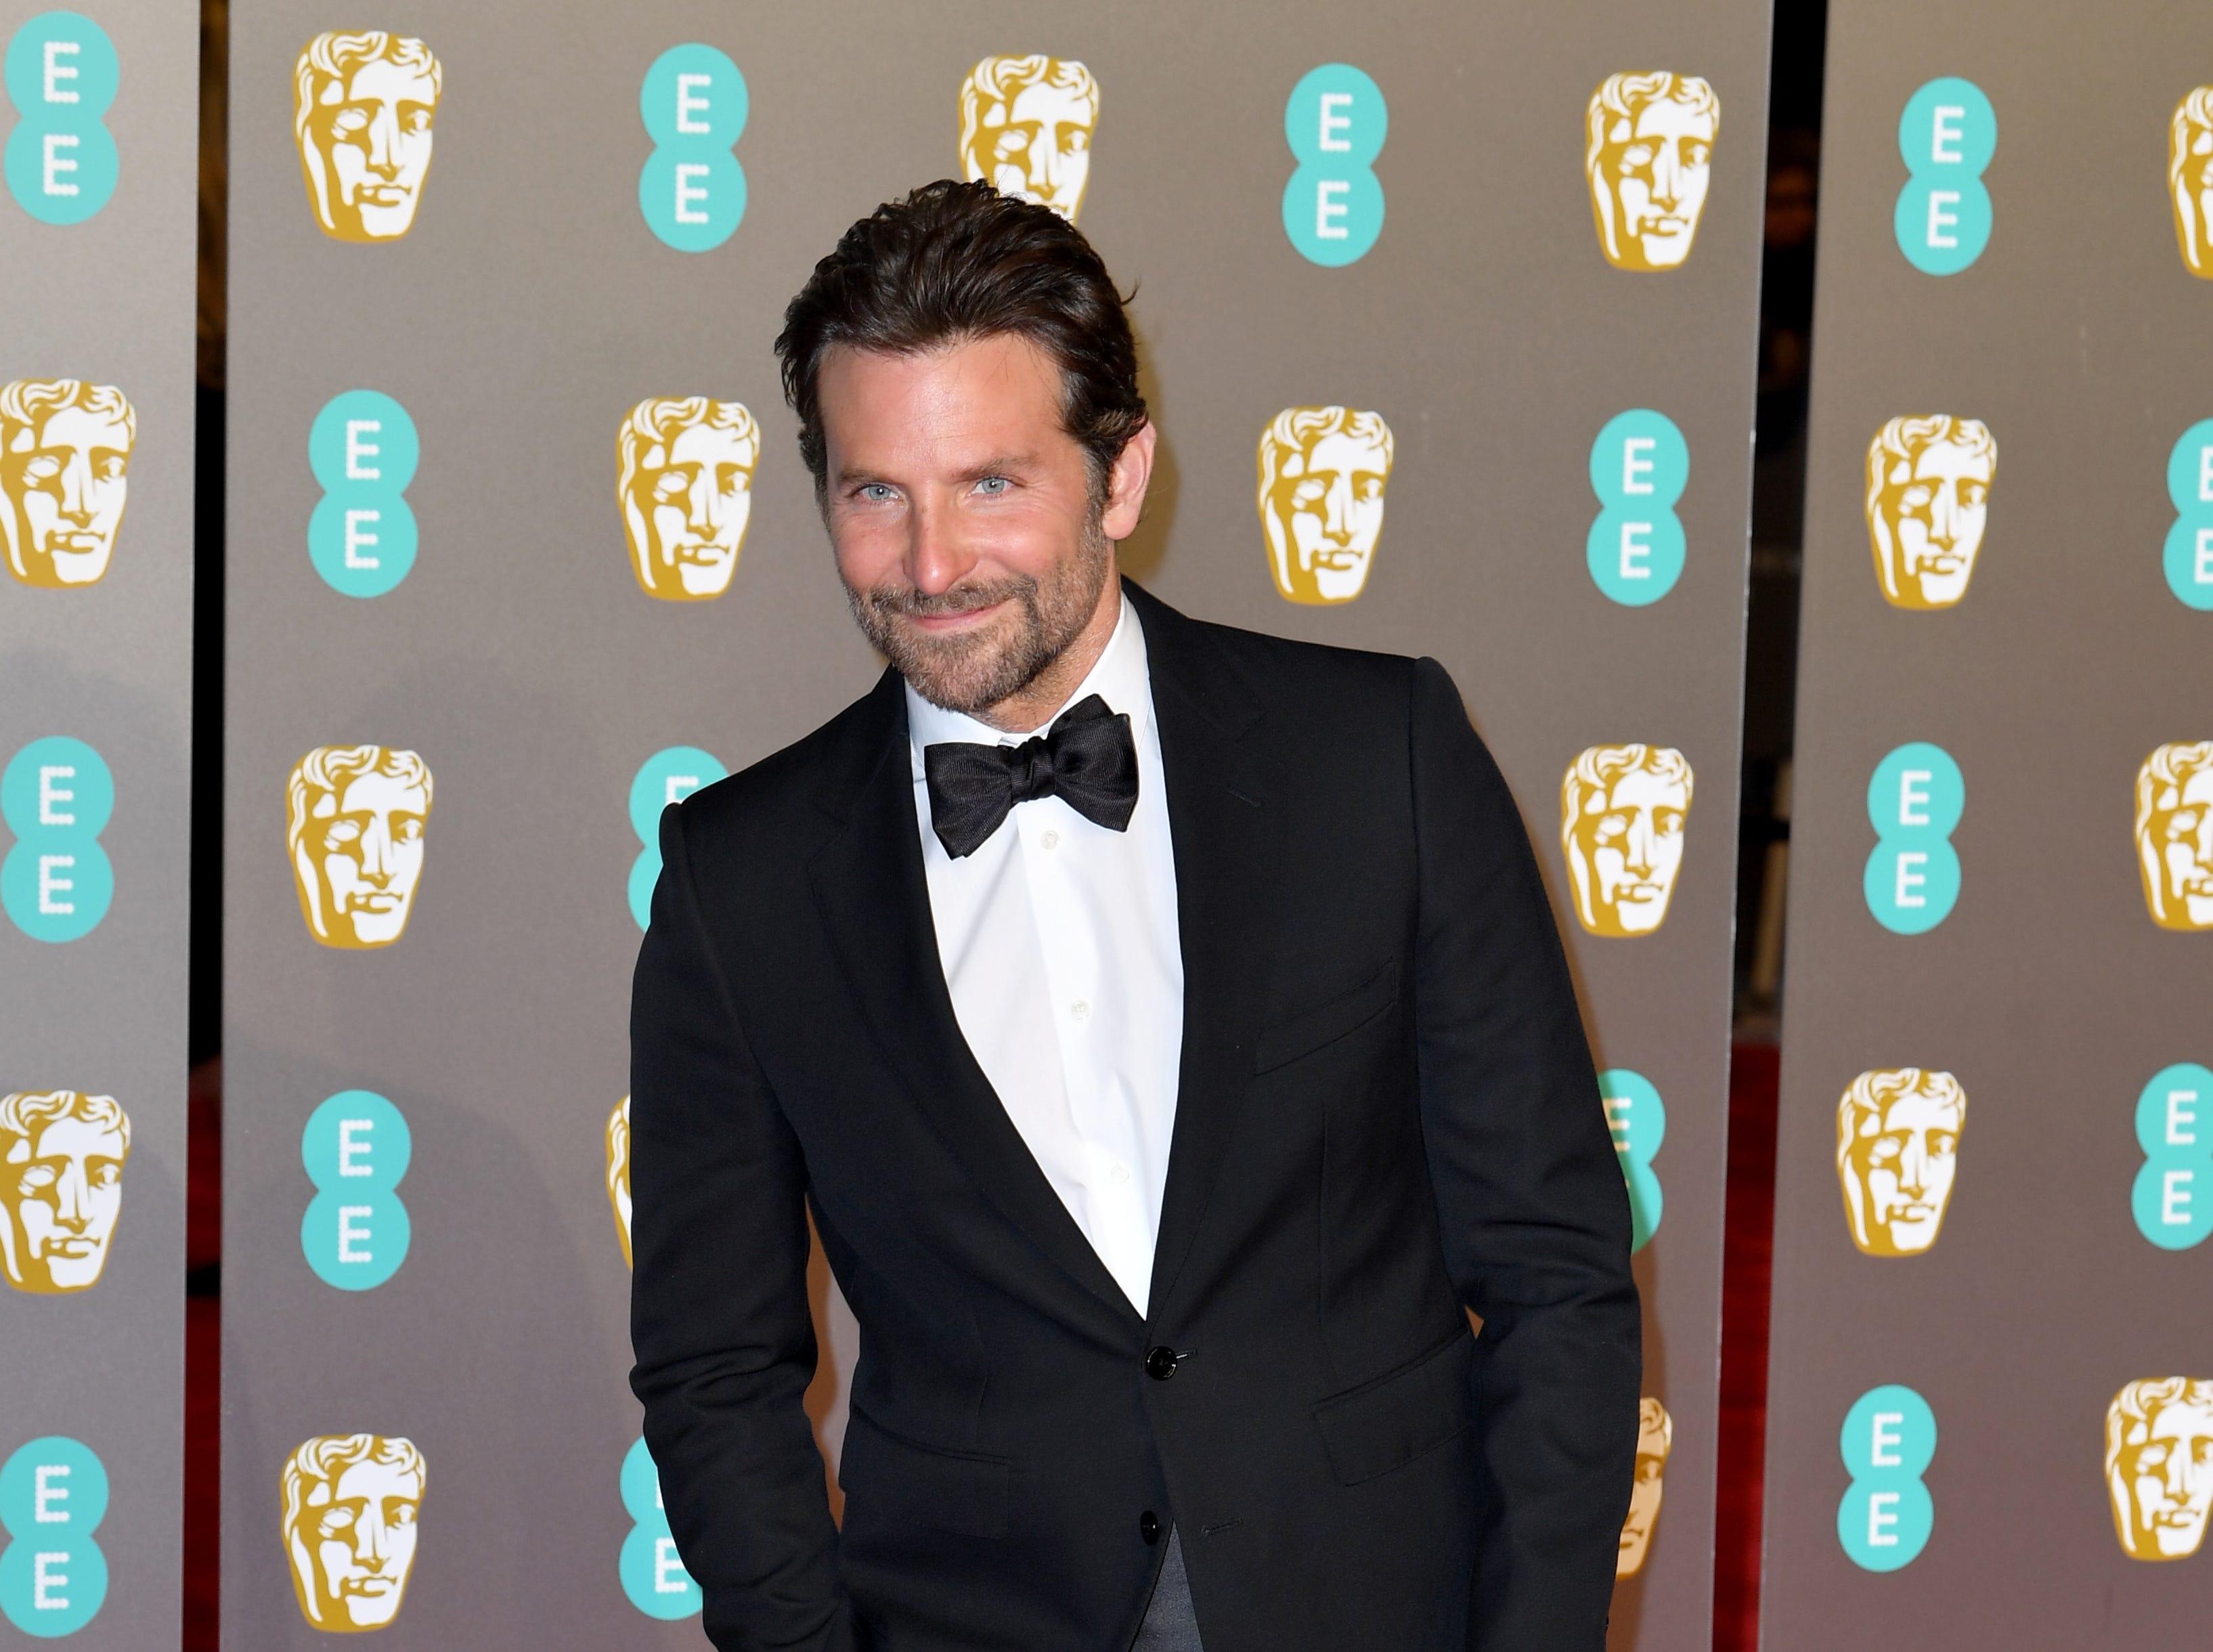 Bradley Cooper a su llegada a la alfombra roja de los Premios de la Academia Británica de Cine BAFTA en el Royal Albert Hall en Londres el 10 de febrero de 2019.